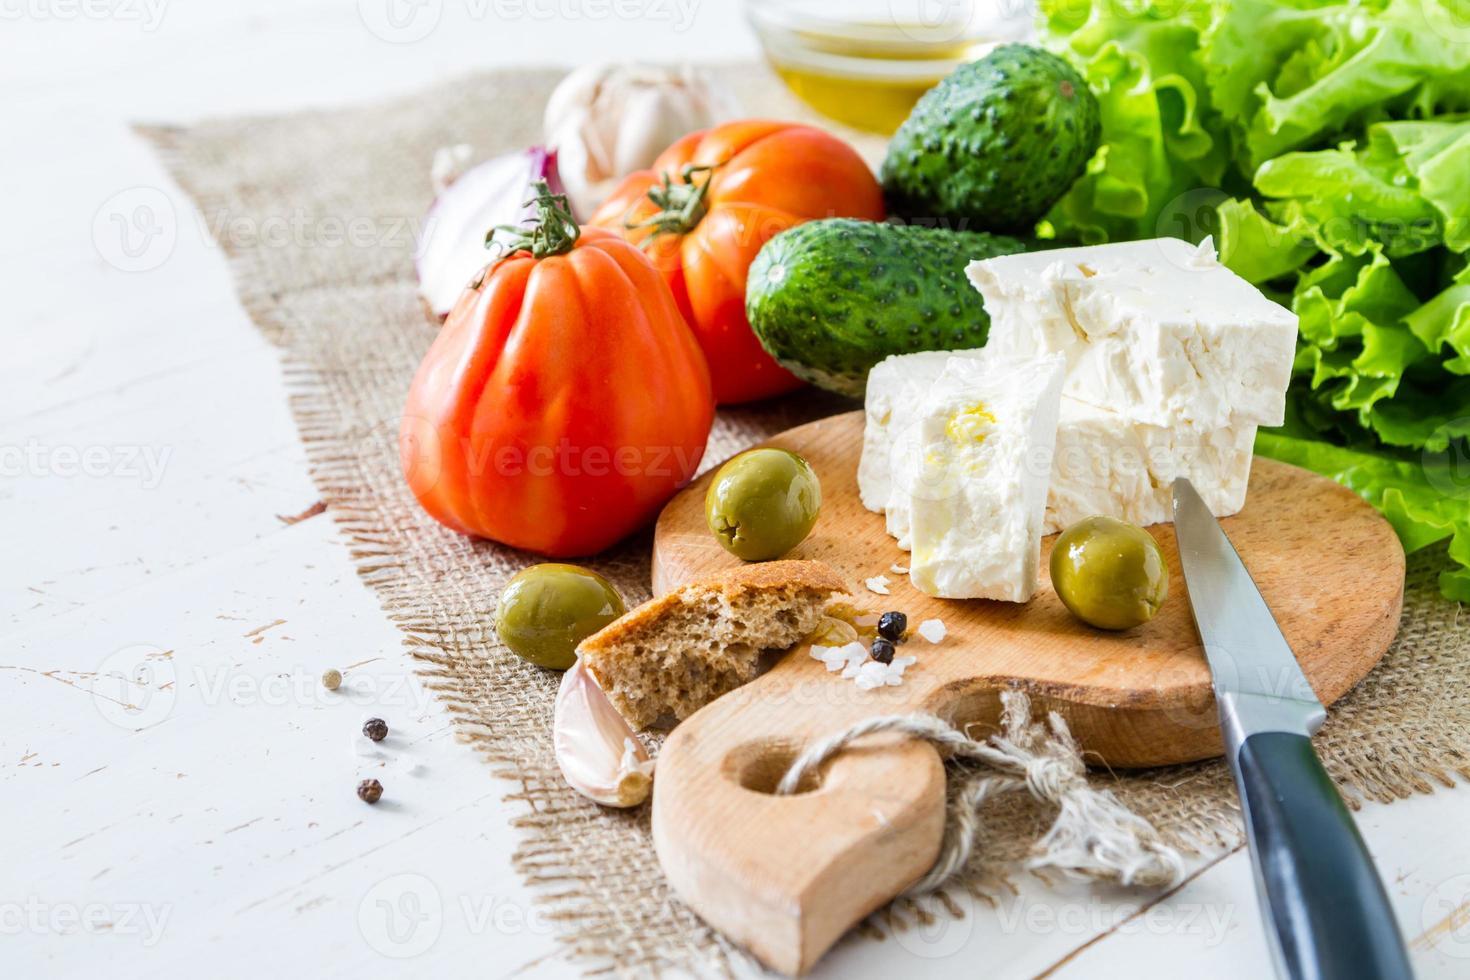 ingrédients de la salade - tomate, laitue, concombre, feta, oignon, olive, ail photo